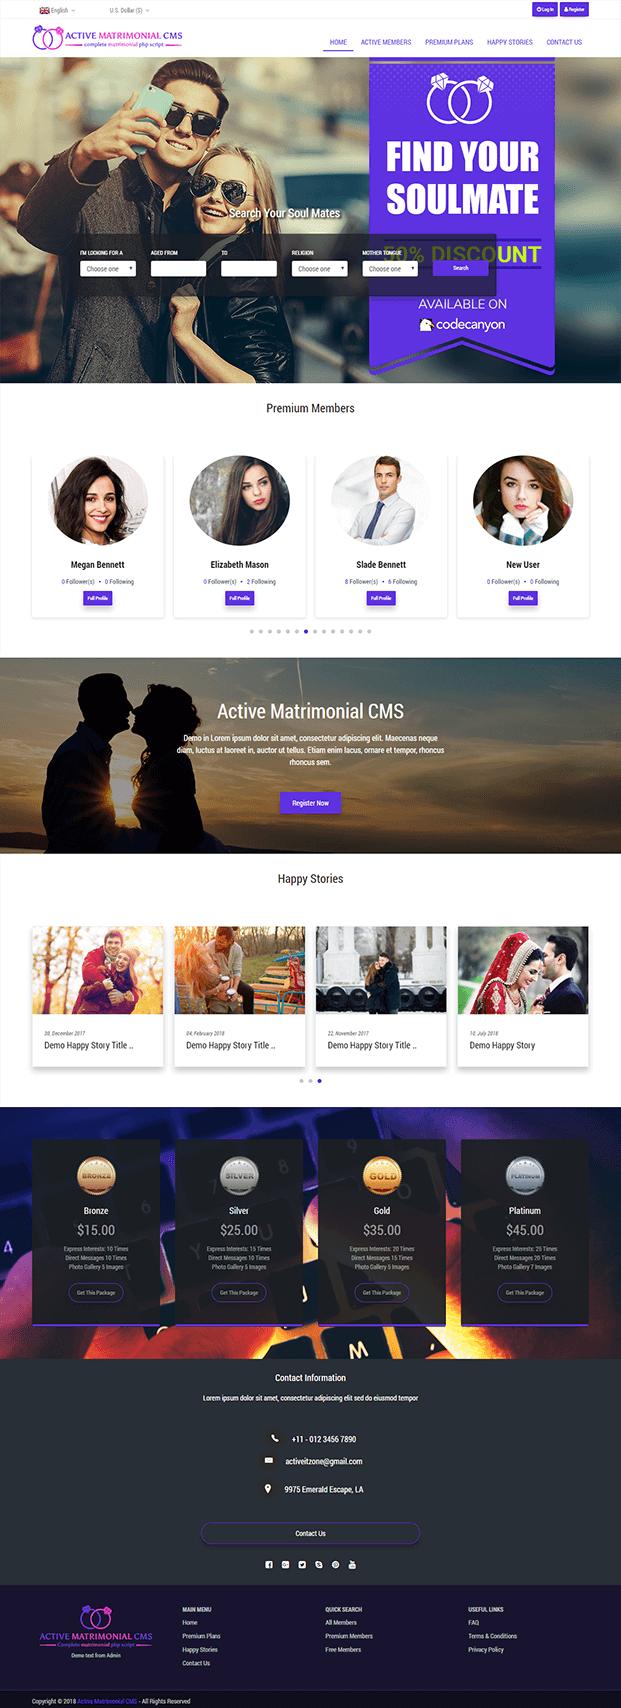 Active Matrimonial CMS PHP Script